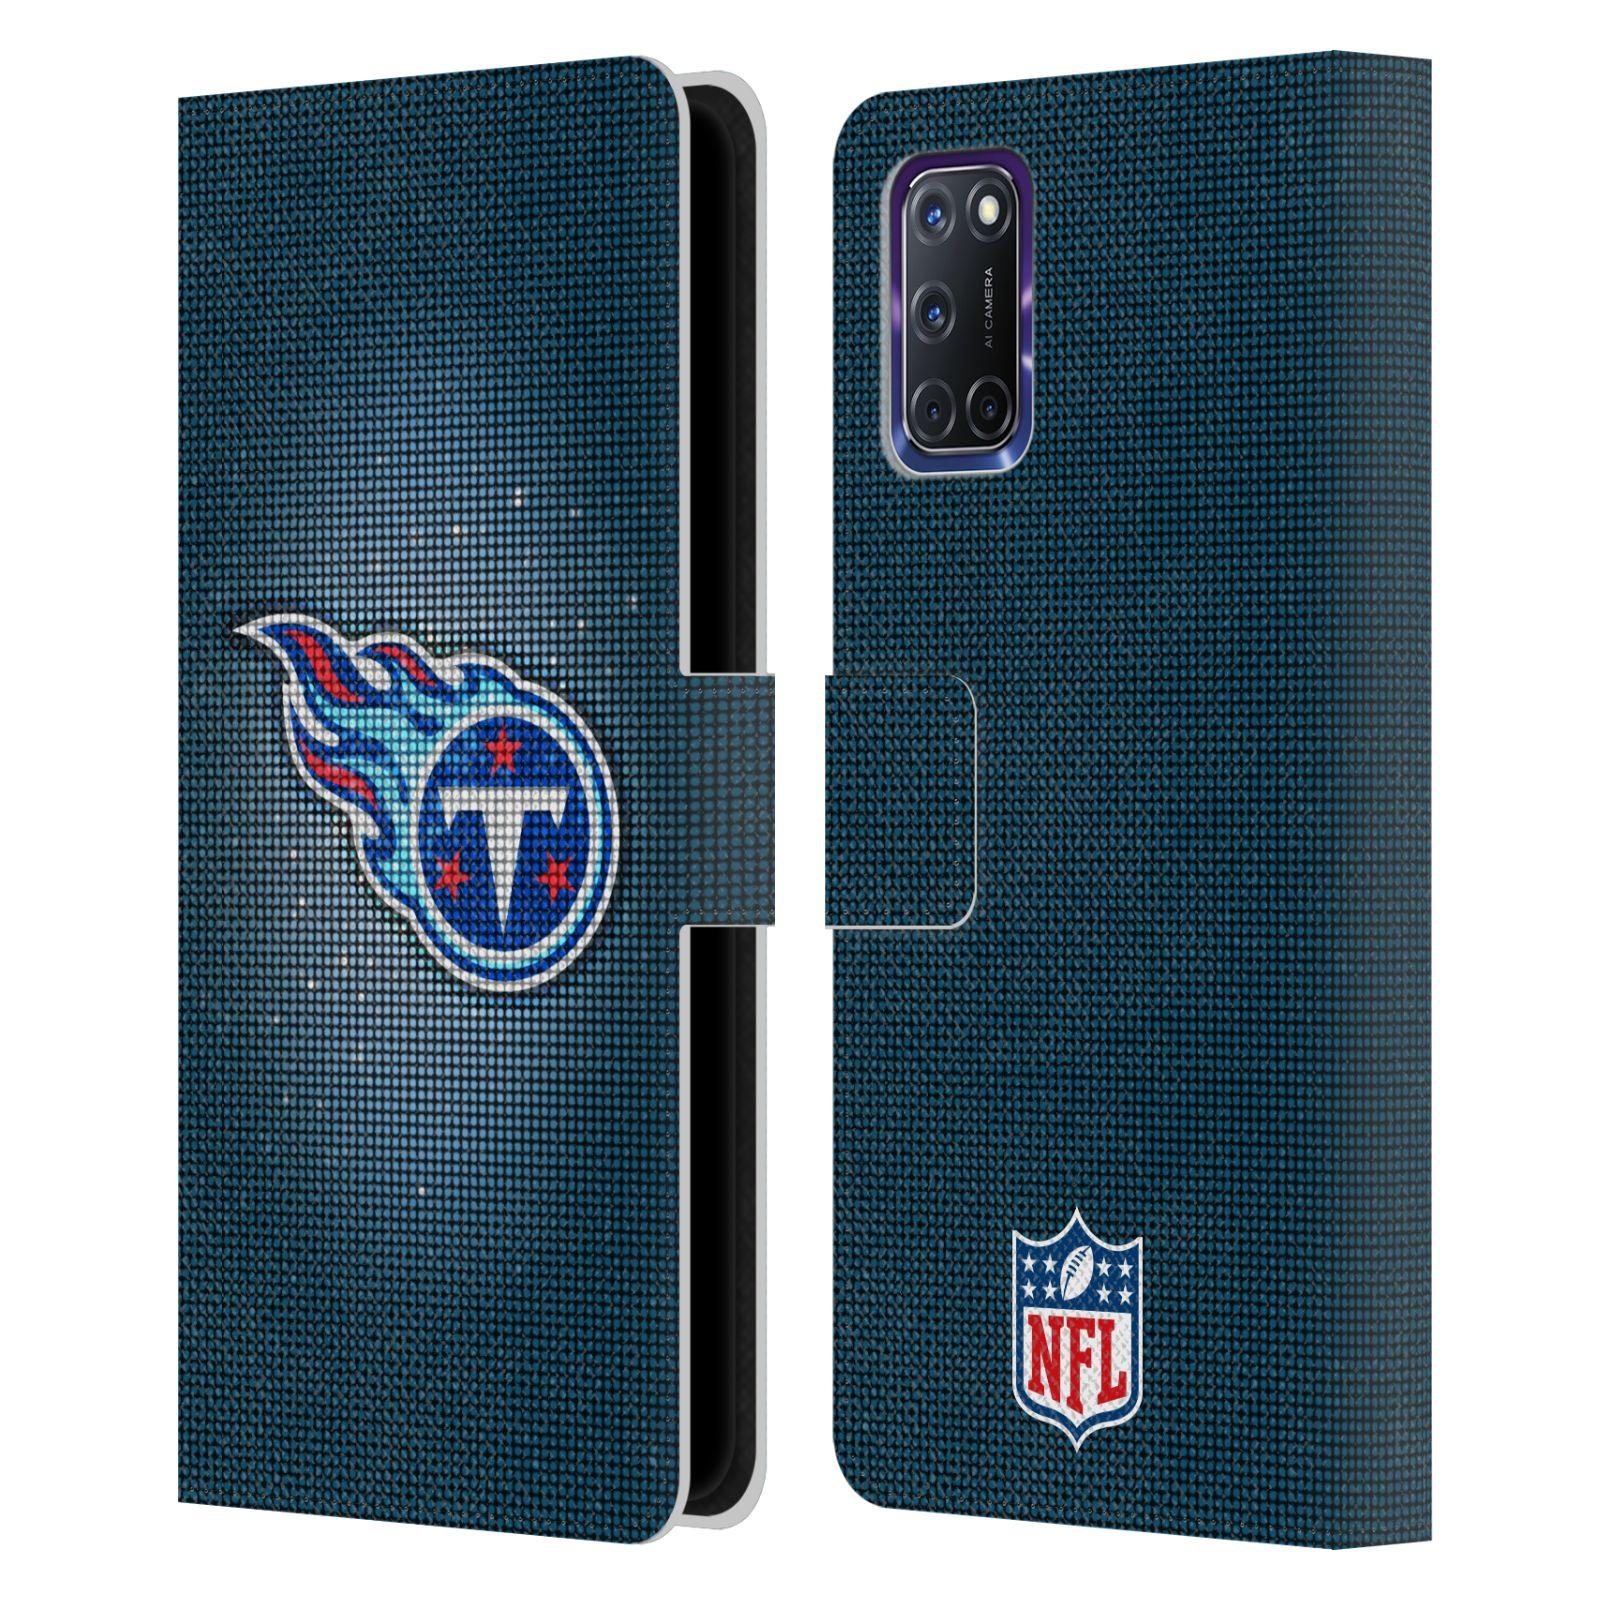 オフィシャル NFL 百貨店 Tennessee Titans Oppo レザー手帳型ウォレットタイプケース ストアー Artwork 電話